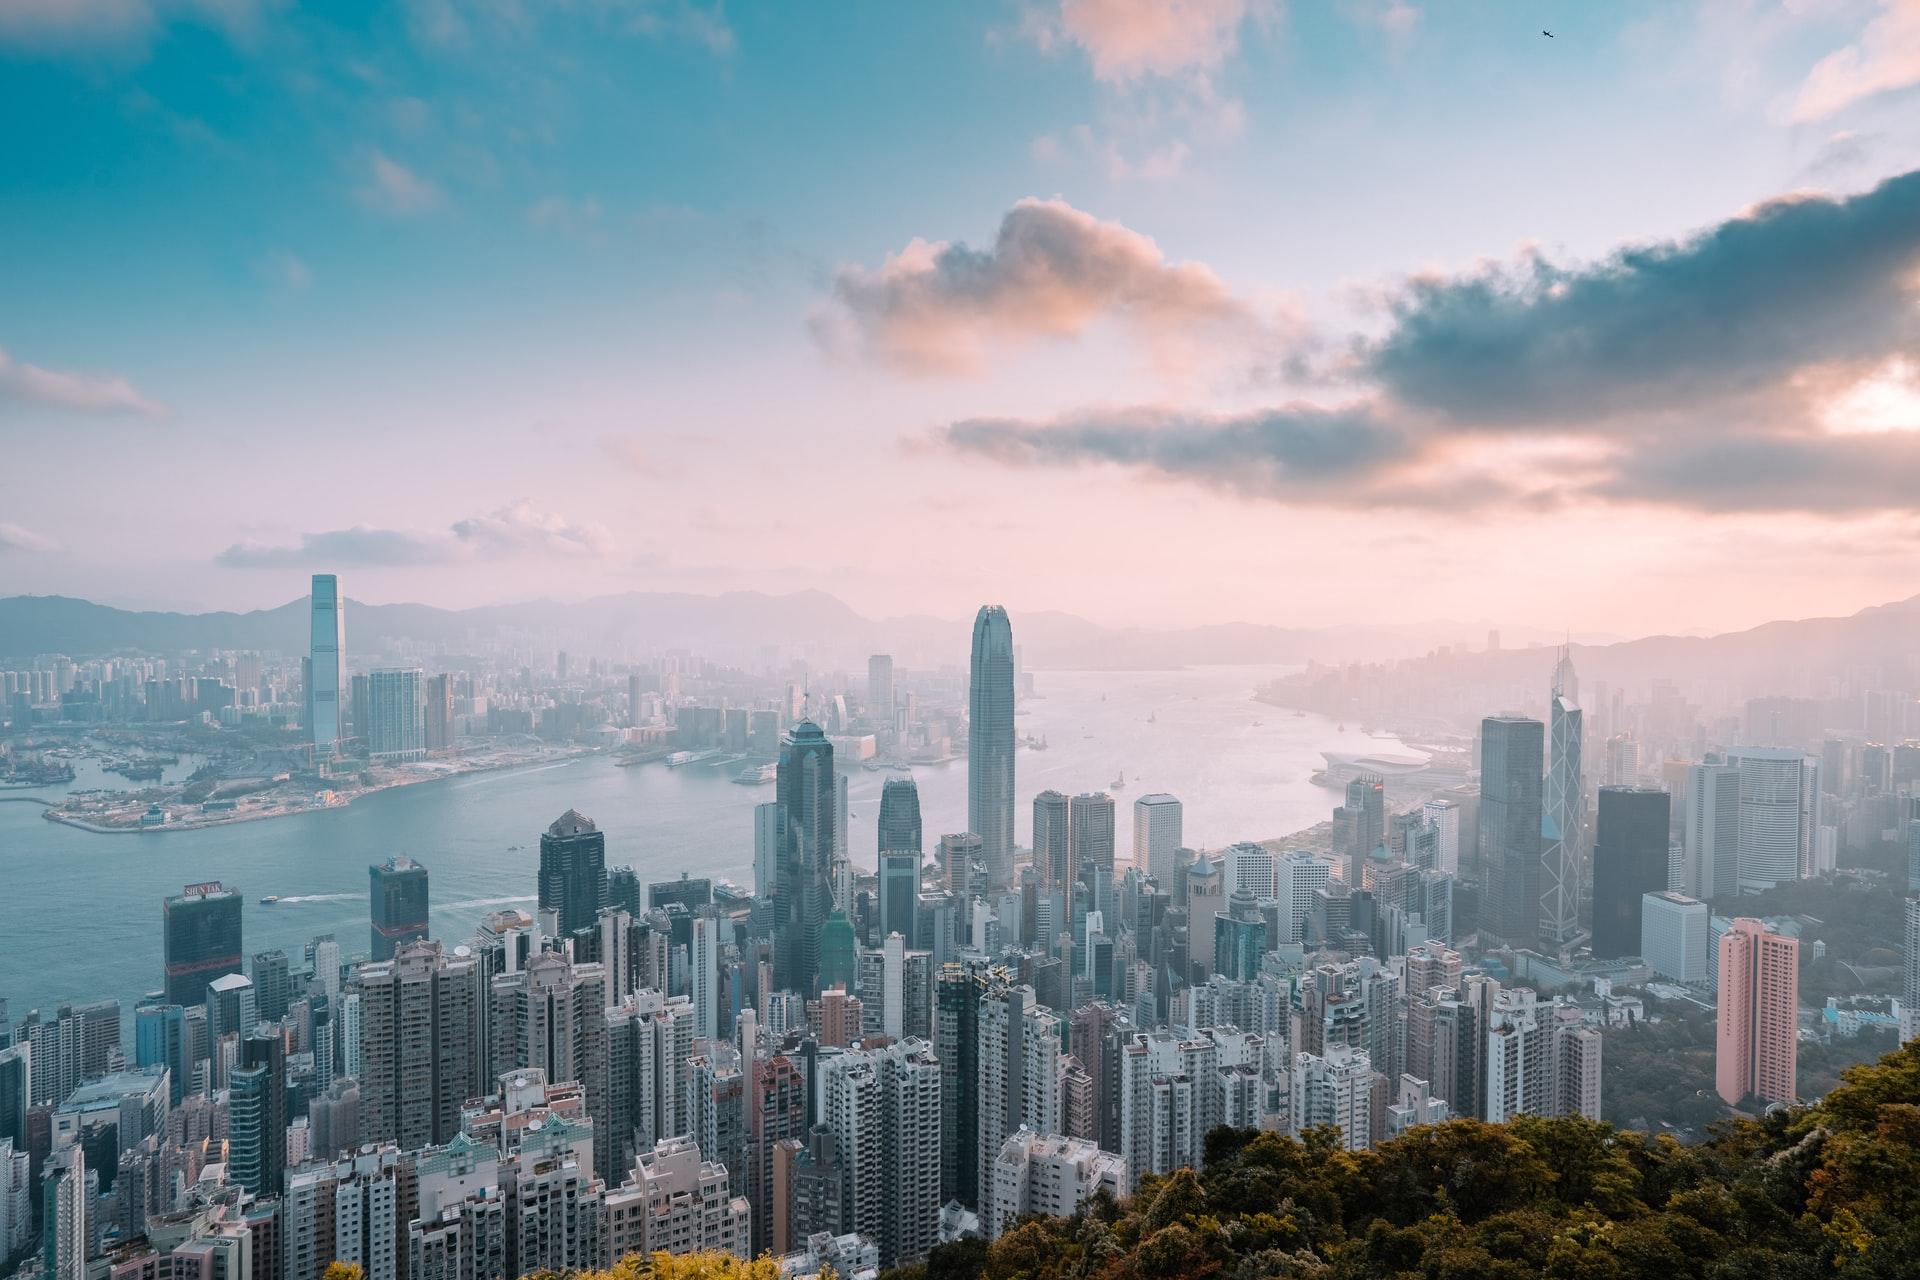 2泊3日の香港旅行プラン [費用を抑えてお得に観光するには?]